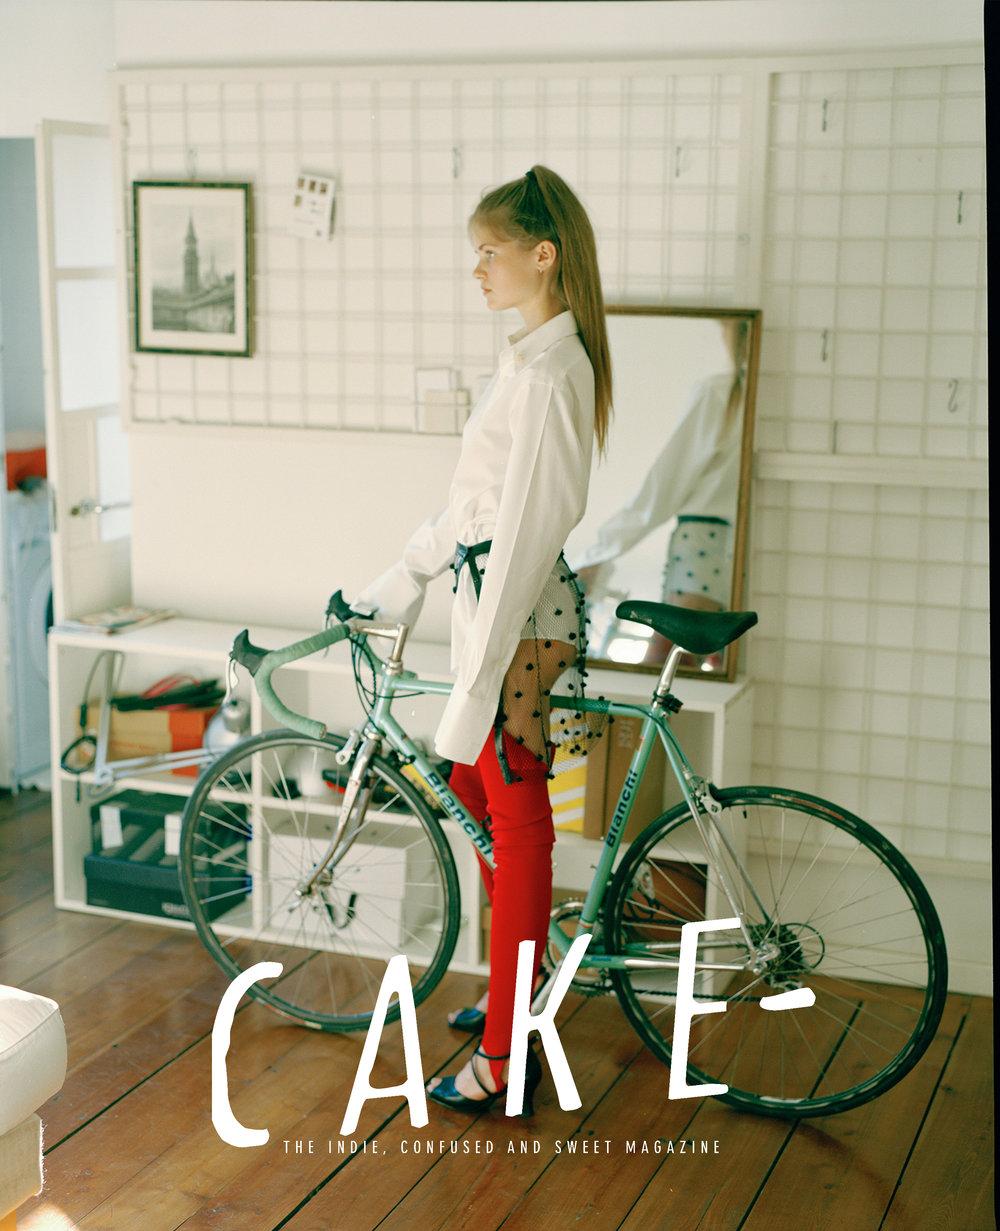 CAKE MAG.jpg